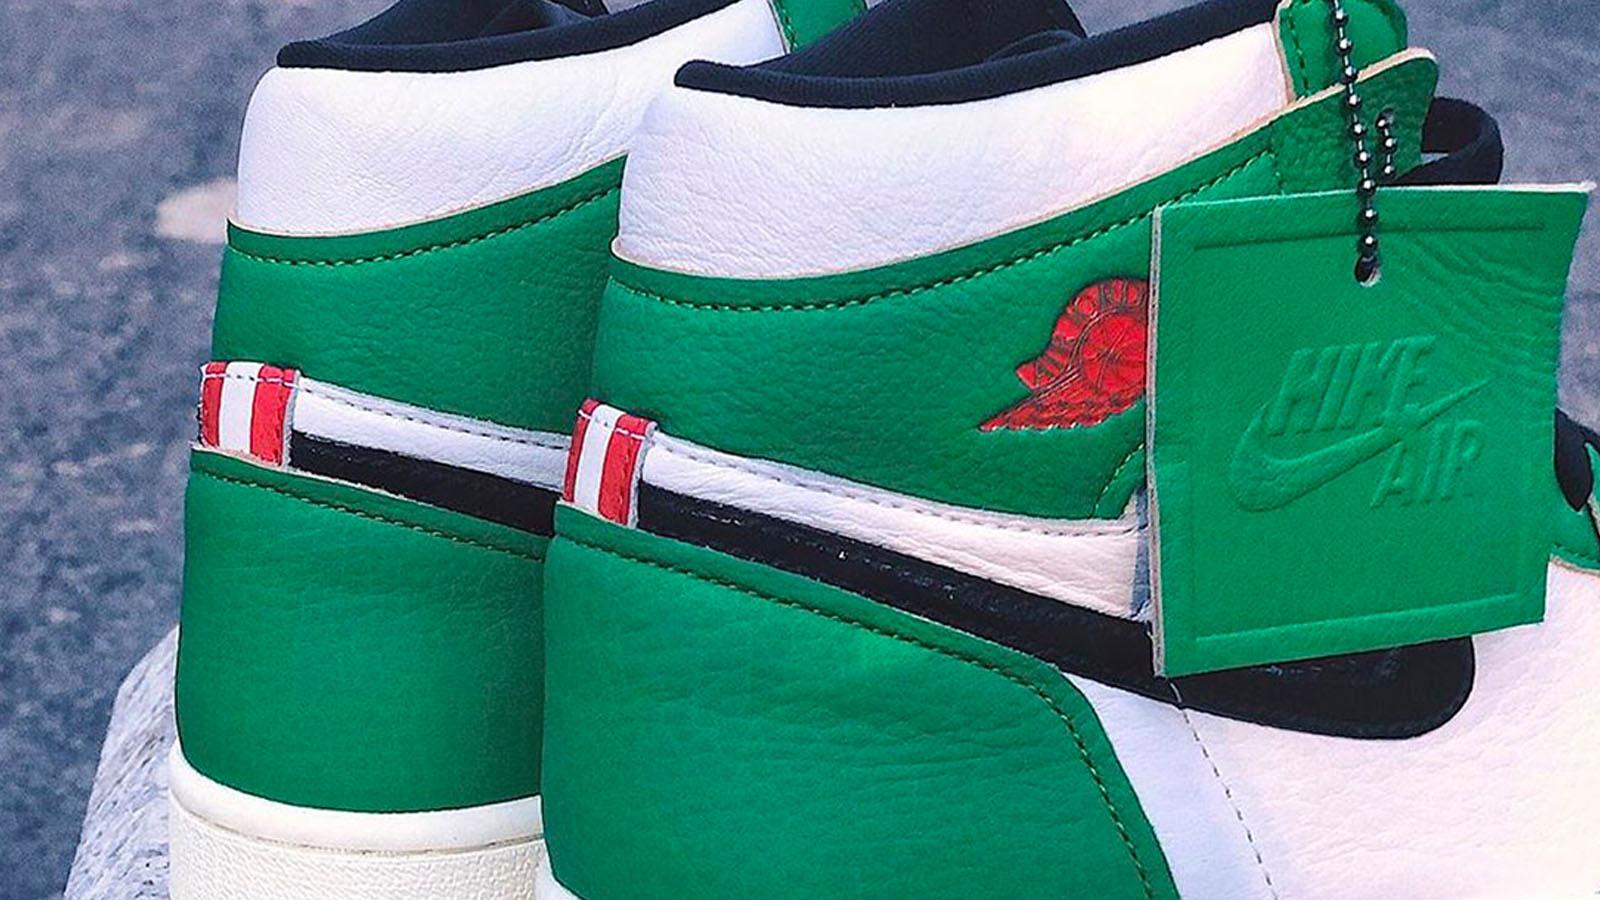 lucky green air jordan 1 mid